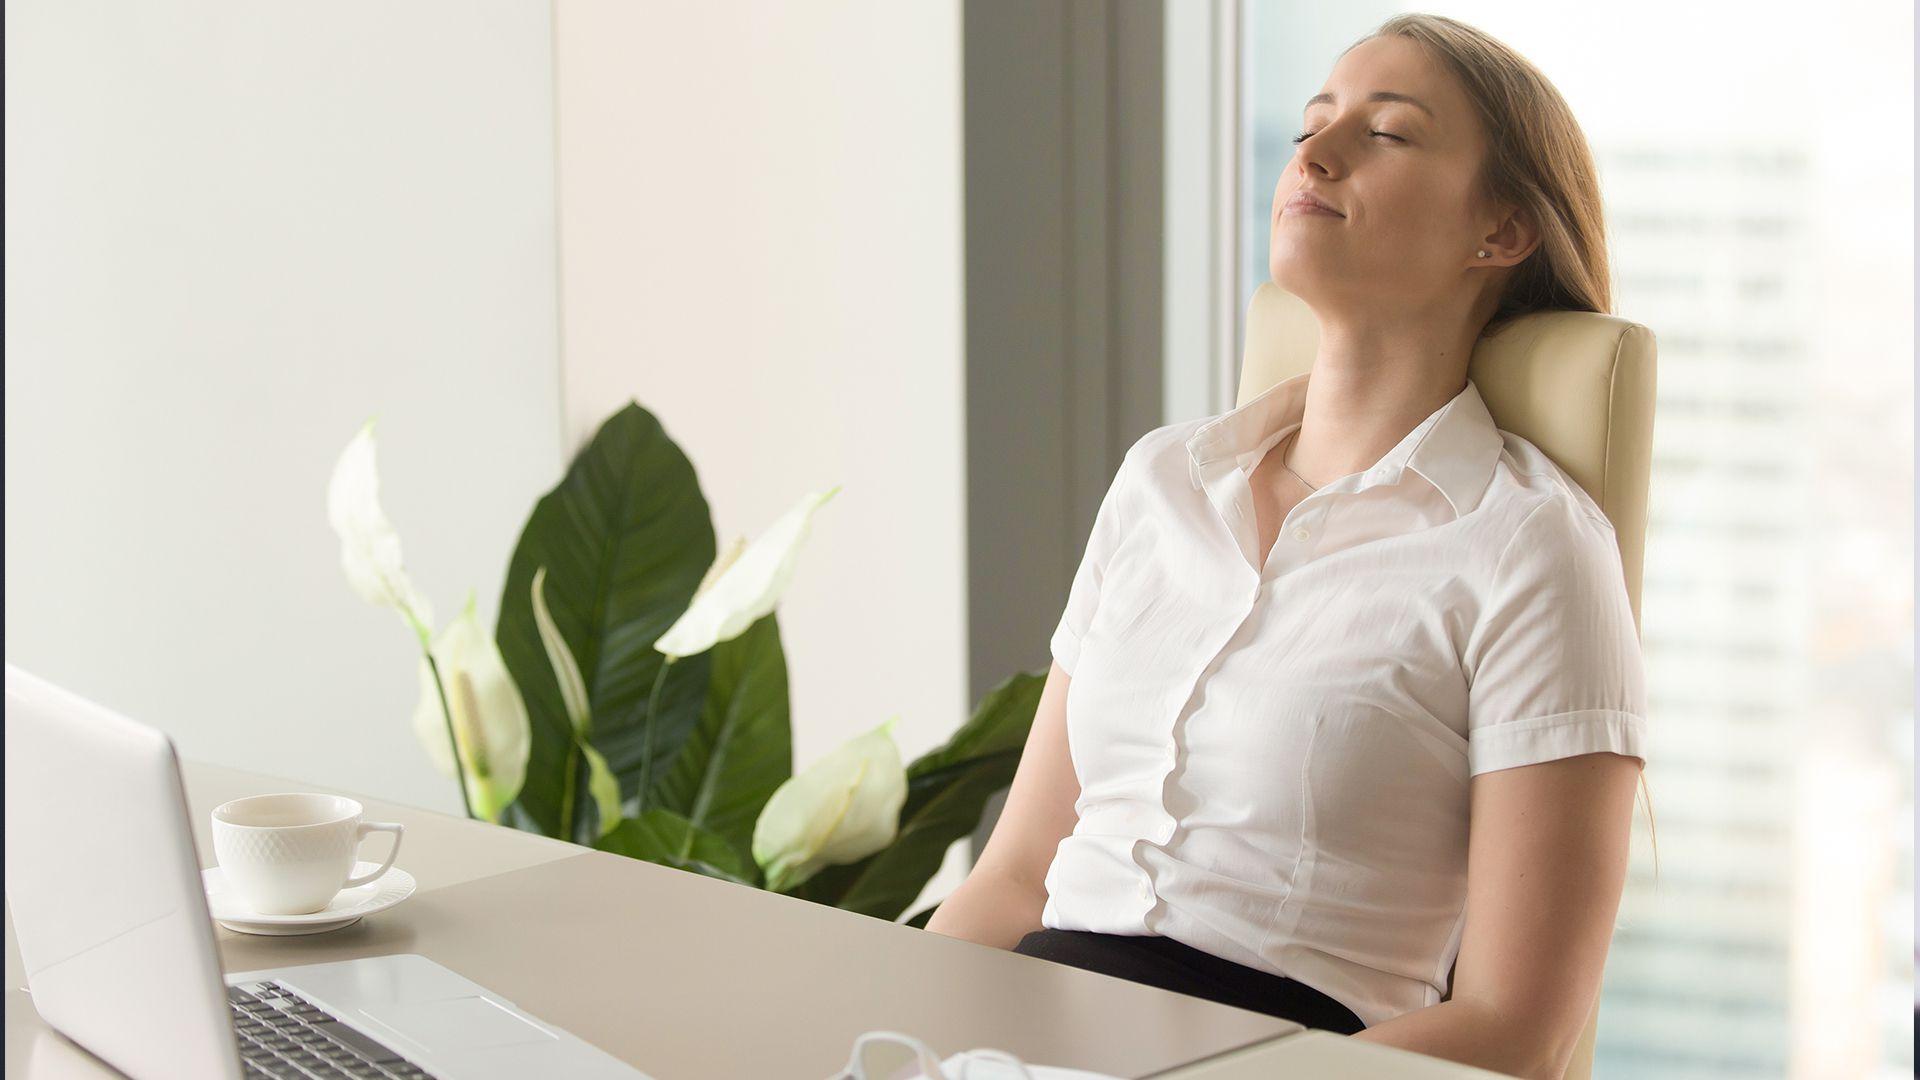 Trabajar sobre la idea de resiliencia puede ayudar a enfrentar momentos de ansiedad y estrés (Getty)